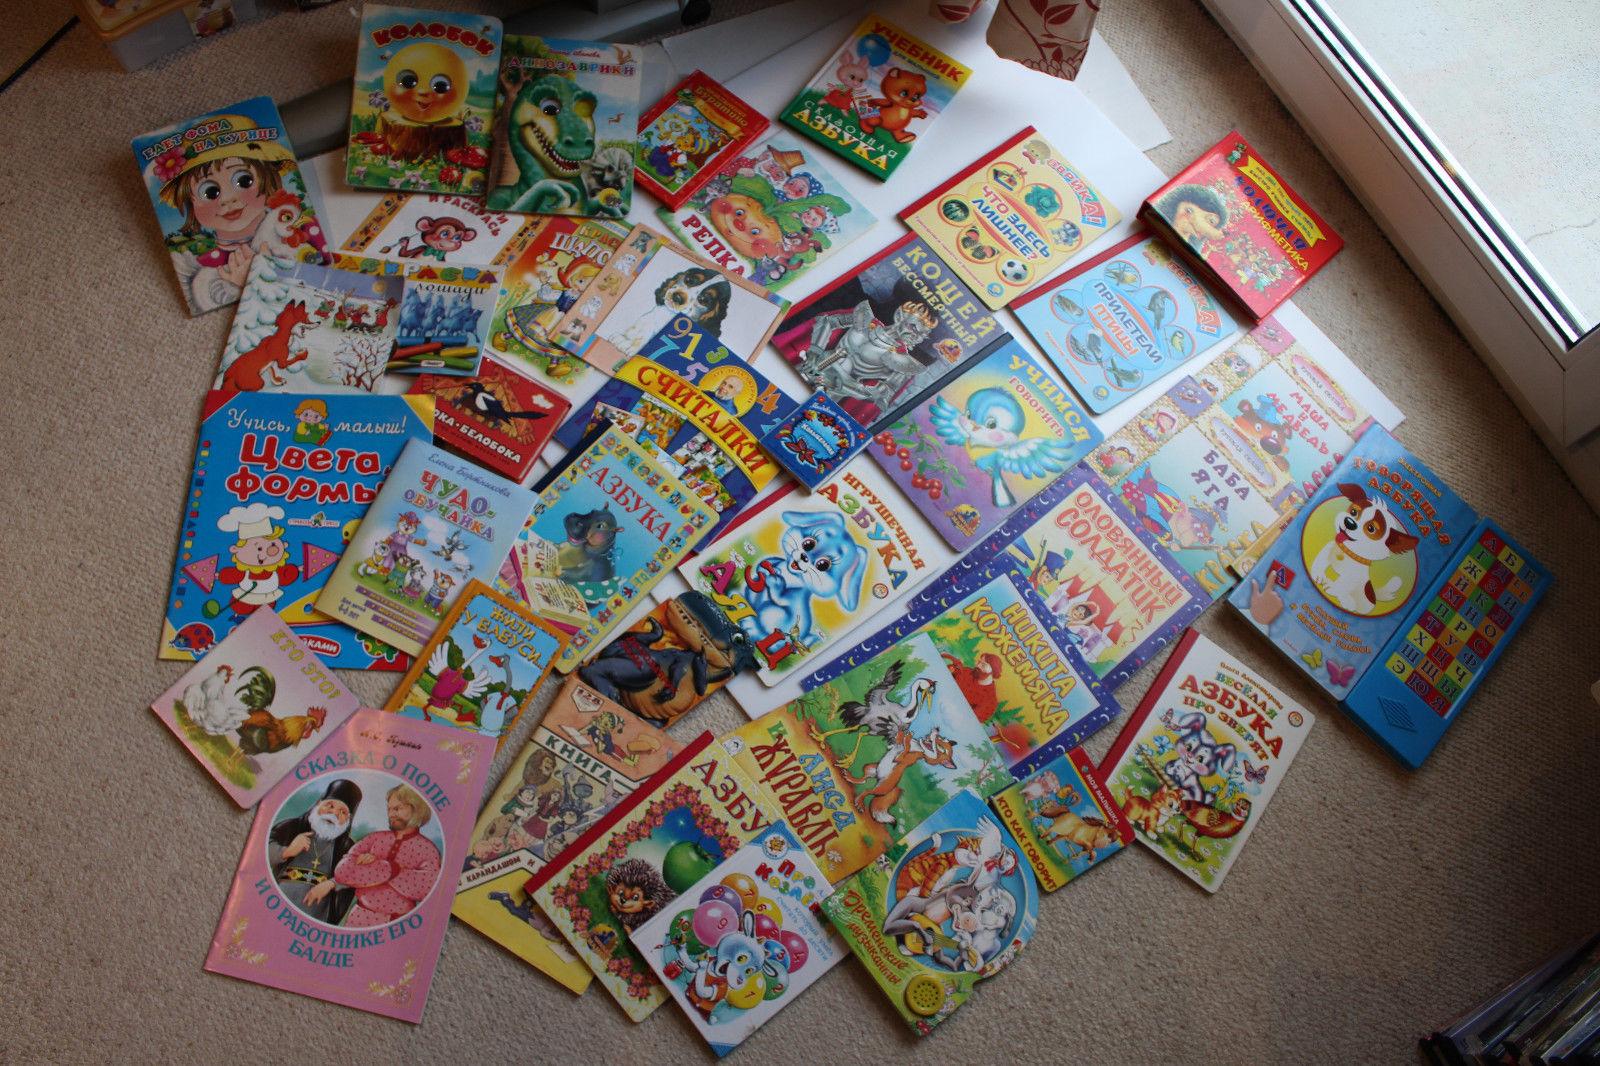 großes Konvolut Russische Kinder Bücher ABC mit Augen Ton Bilderbücher Dino